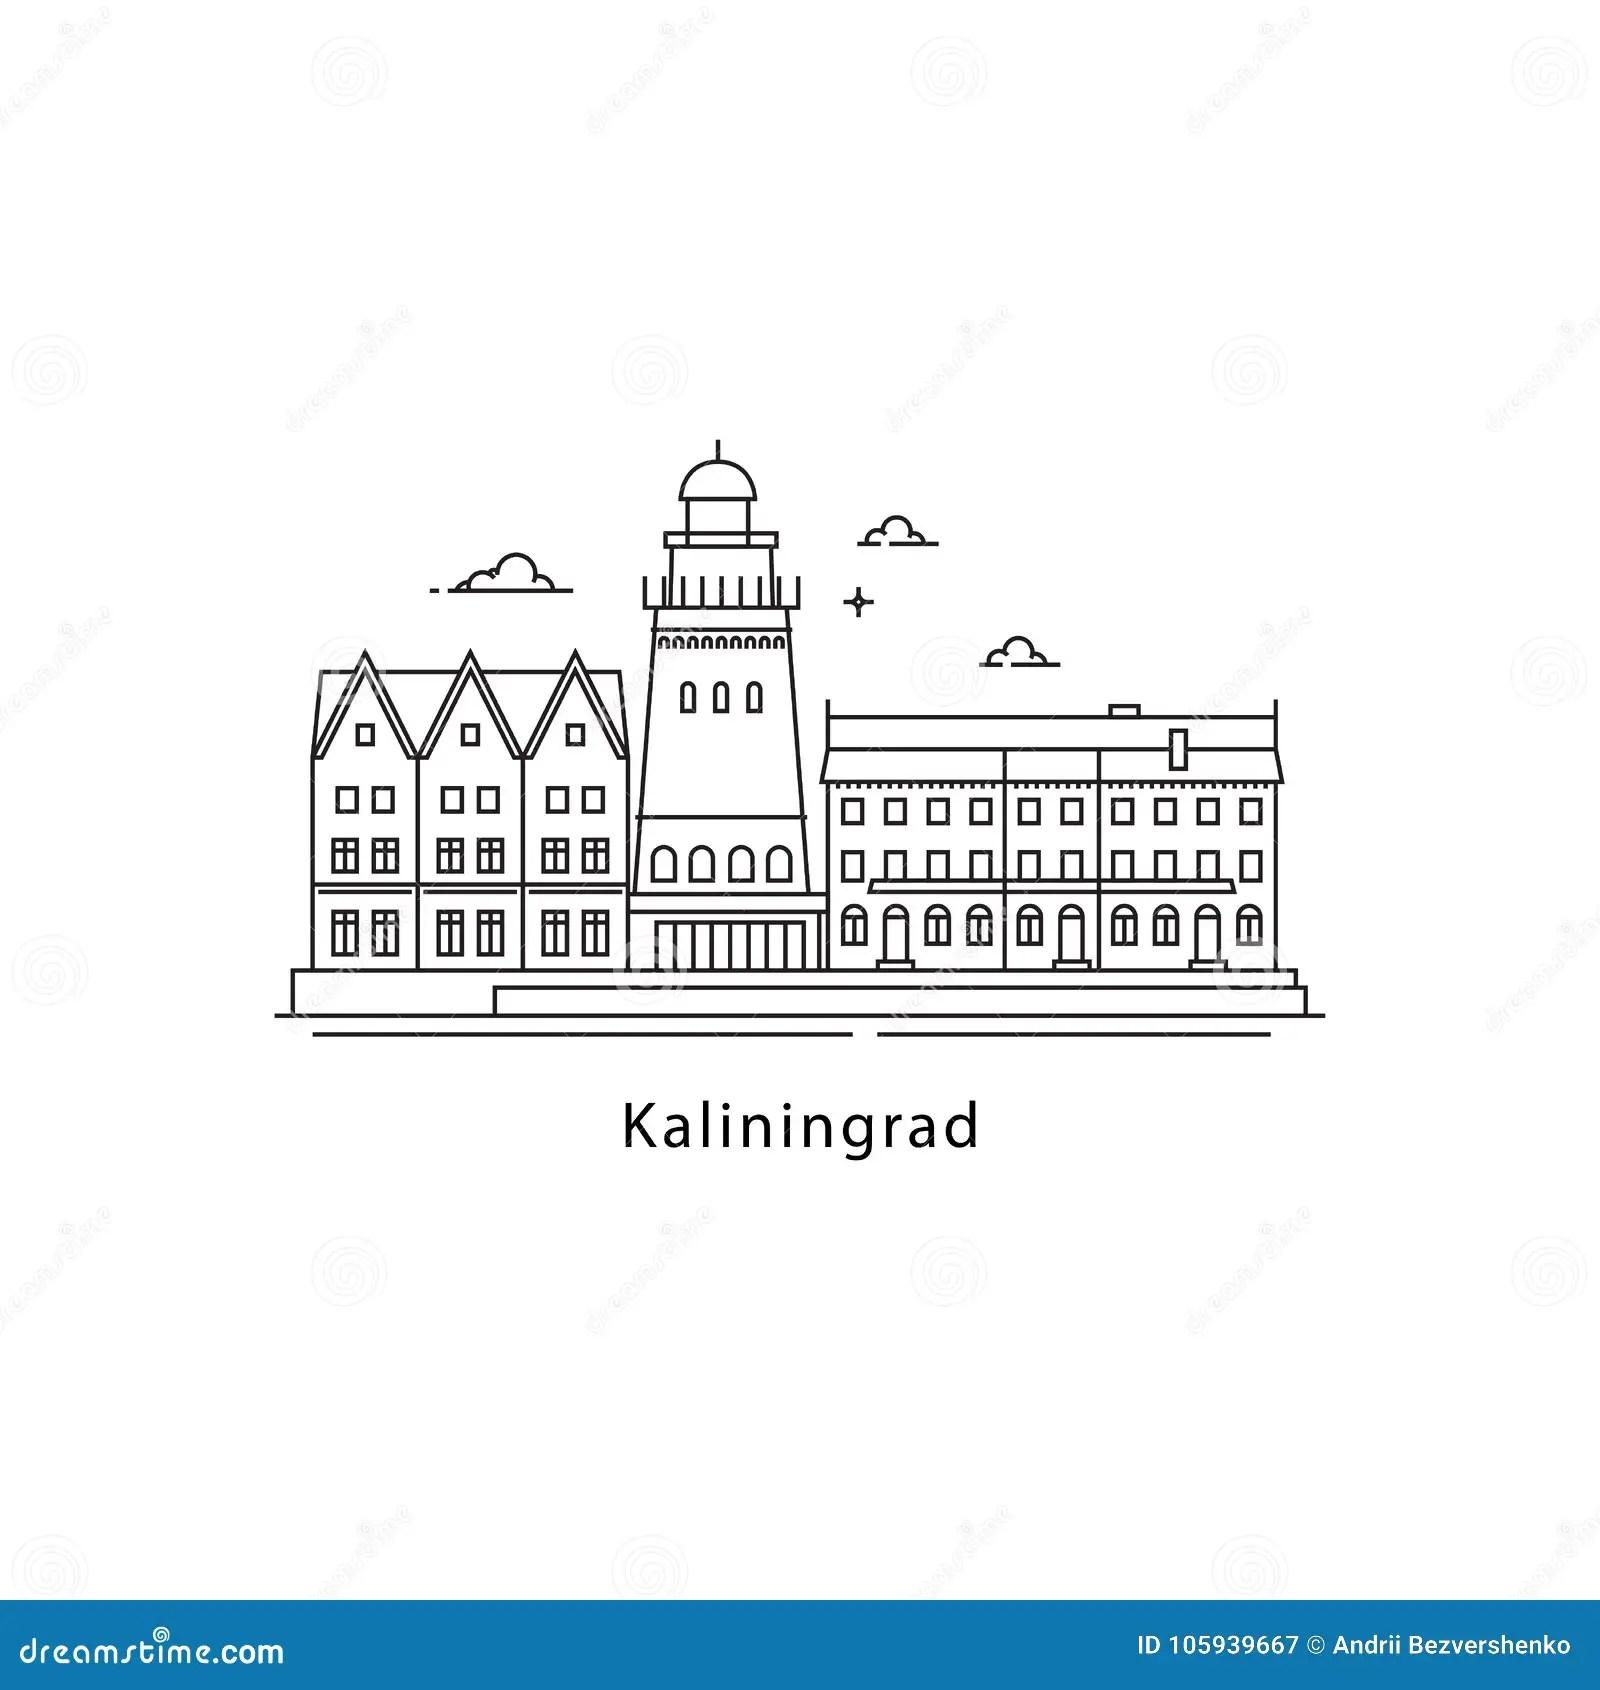 Kaliningrad Logo Isolated On White Background. Kaliningrad